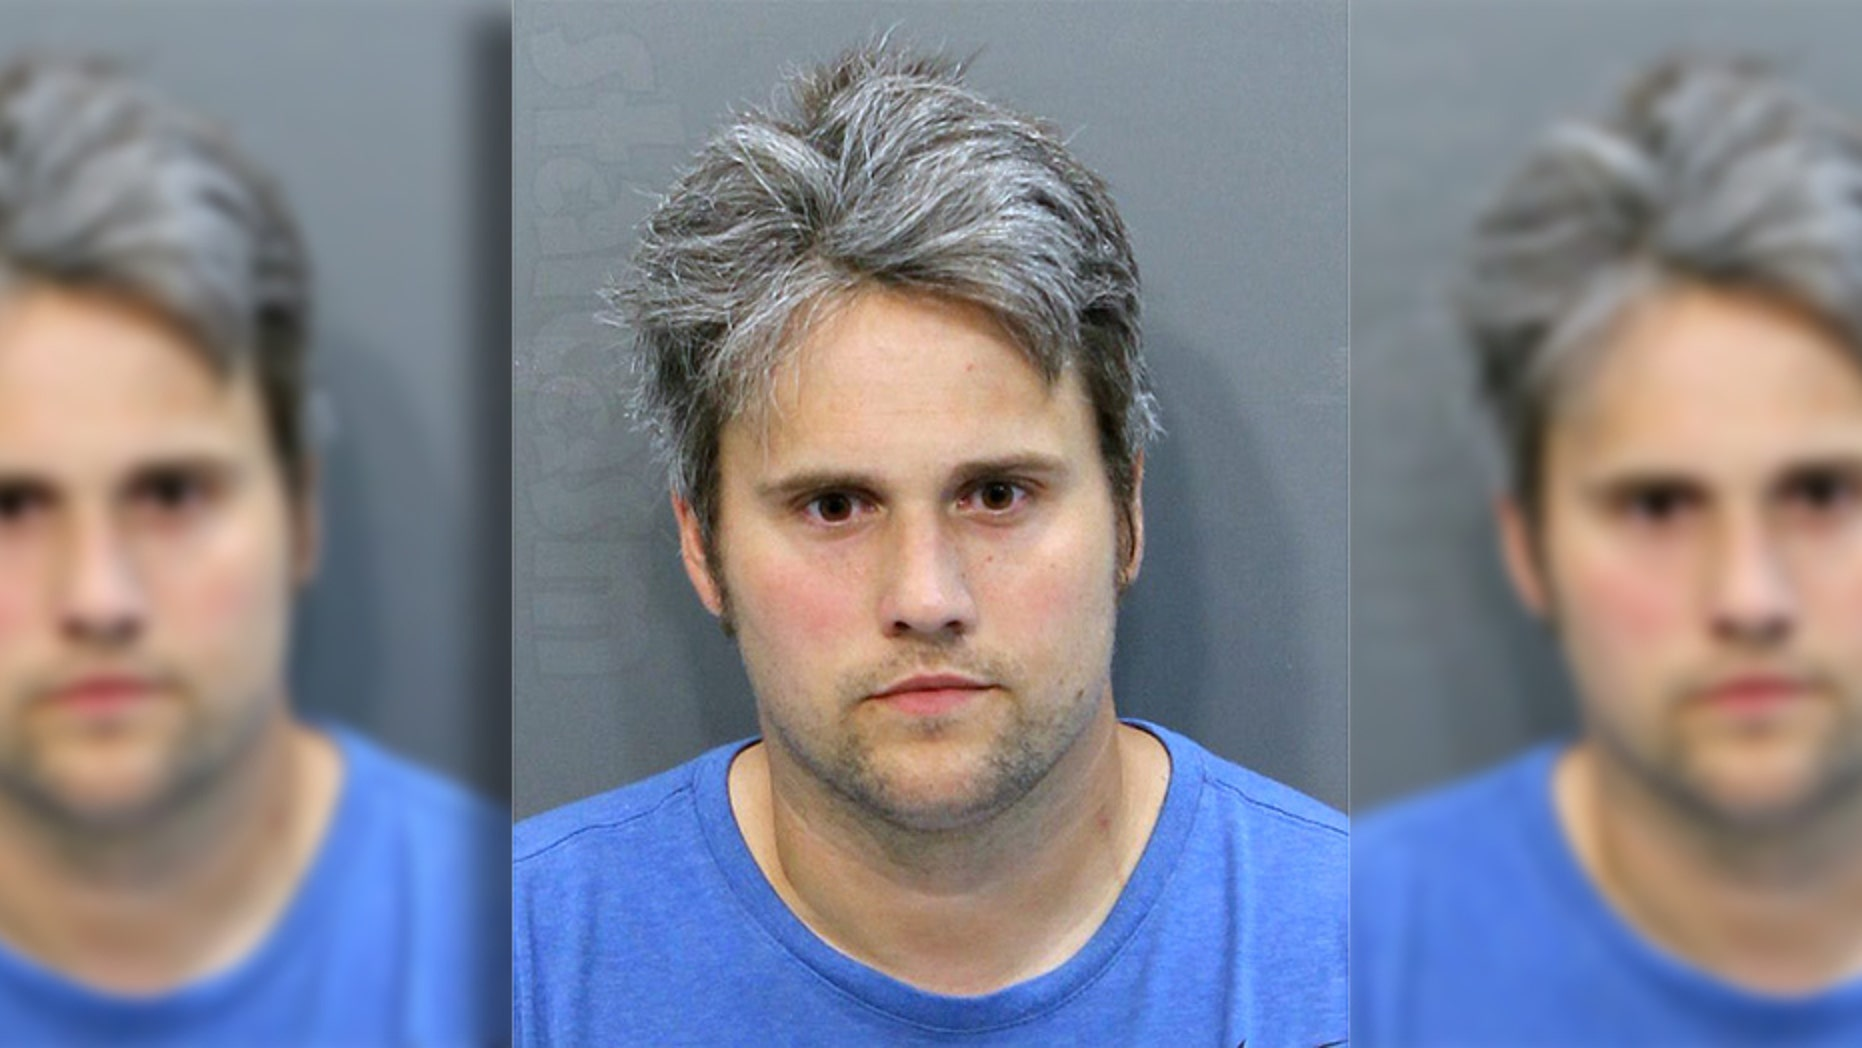 Ryan Edwards' mugshot.